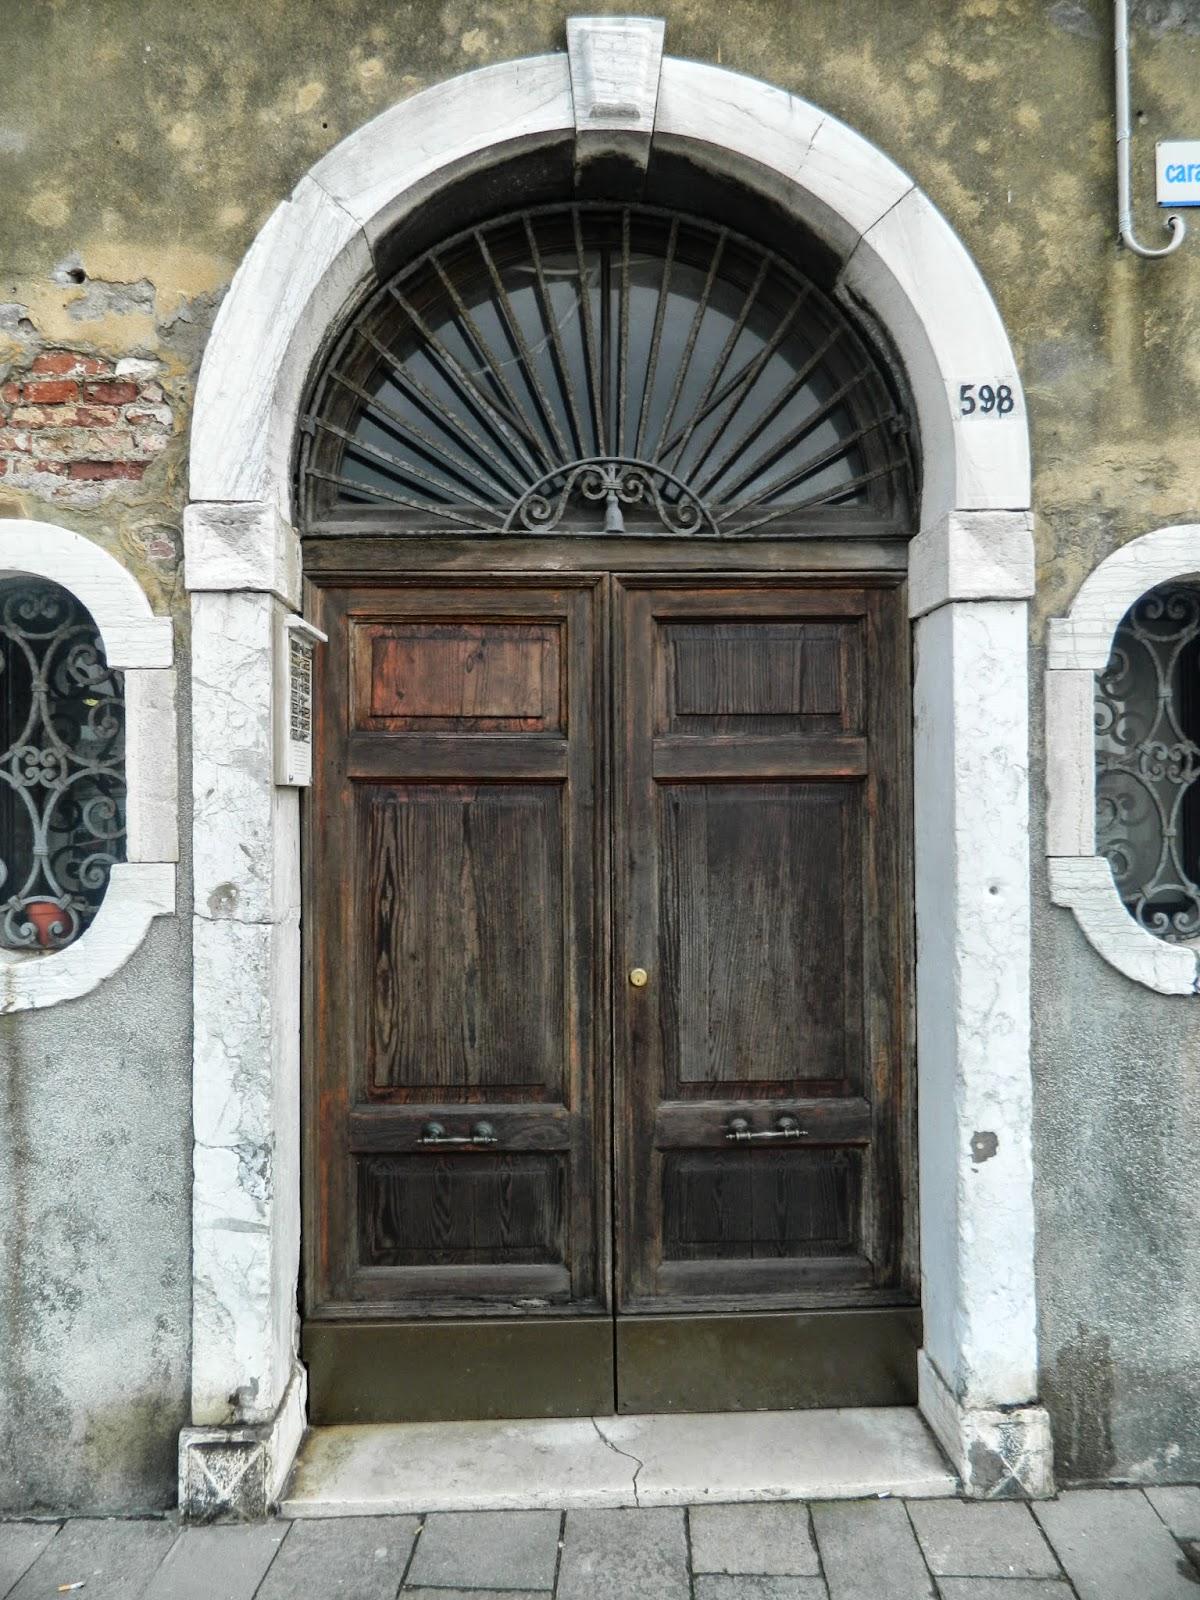 Nest By Tamara Doors Windows Amp Countertops In Italy